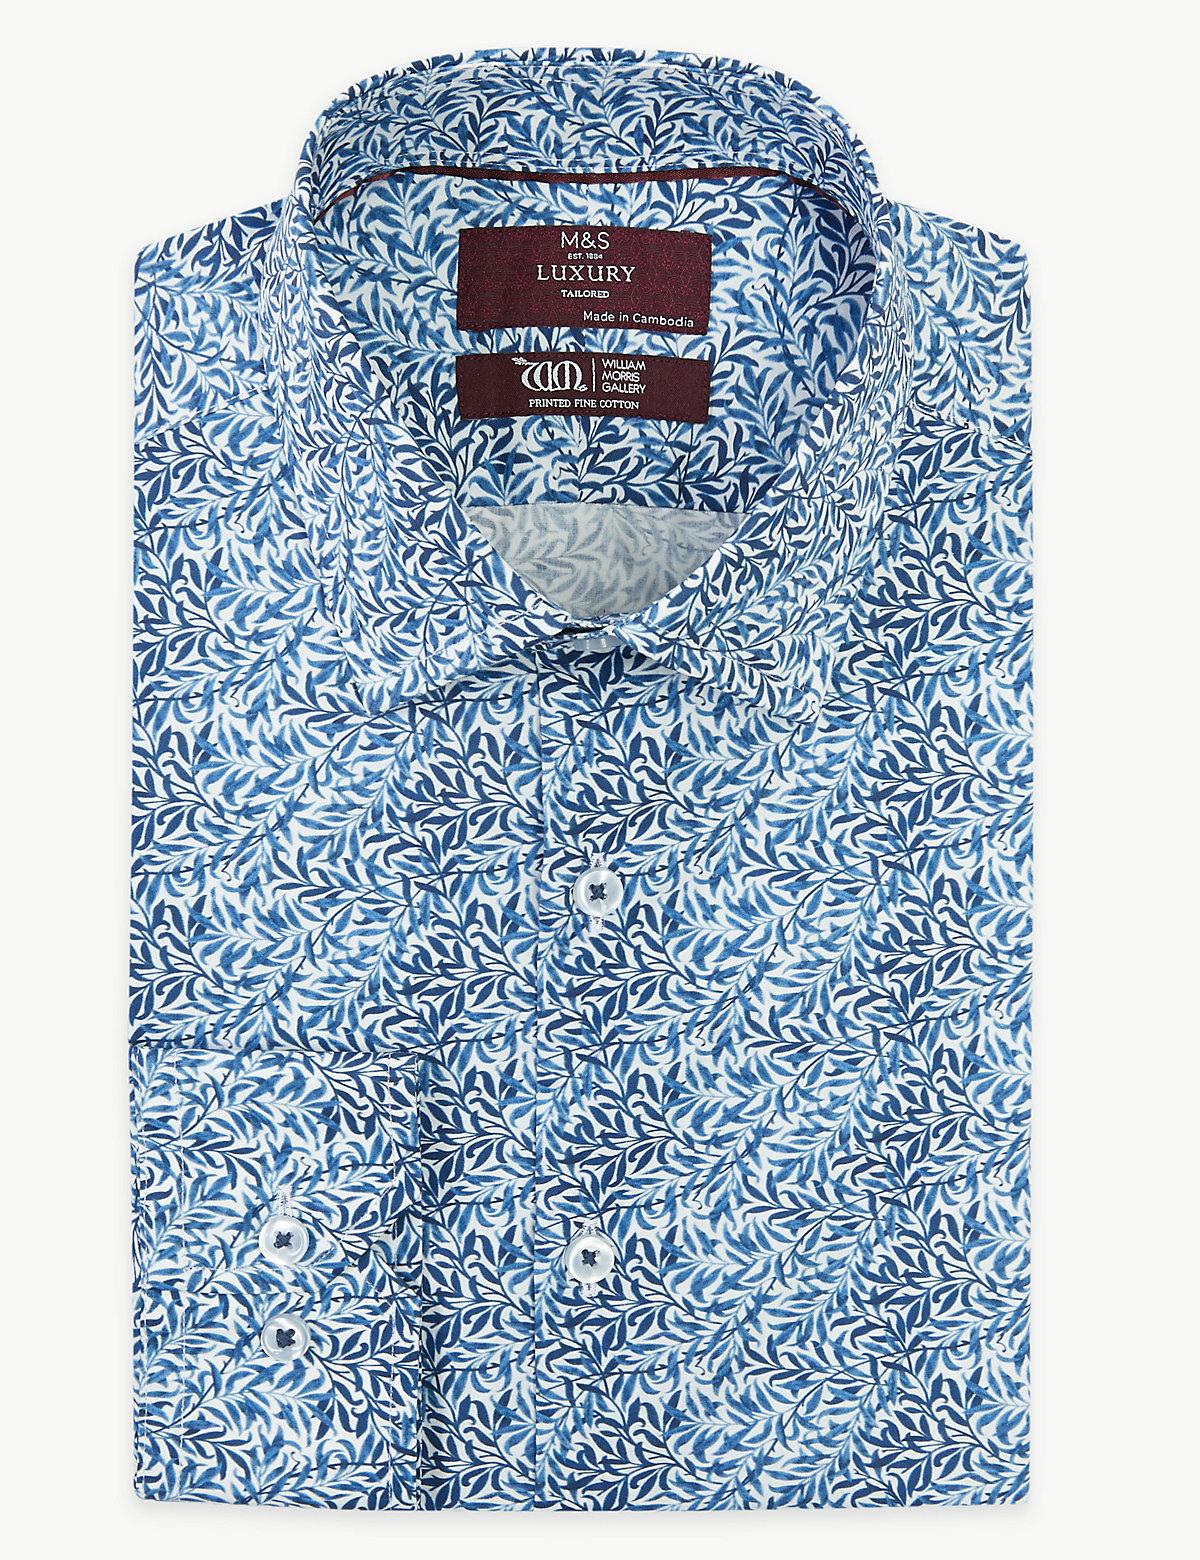 Мужская рубашка с принтом Ивы от Уильяма Морриса